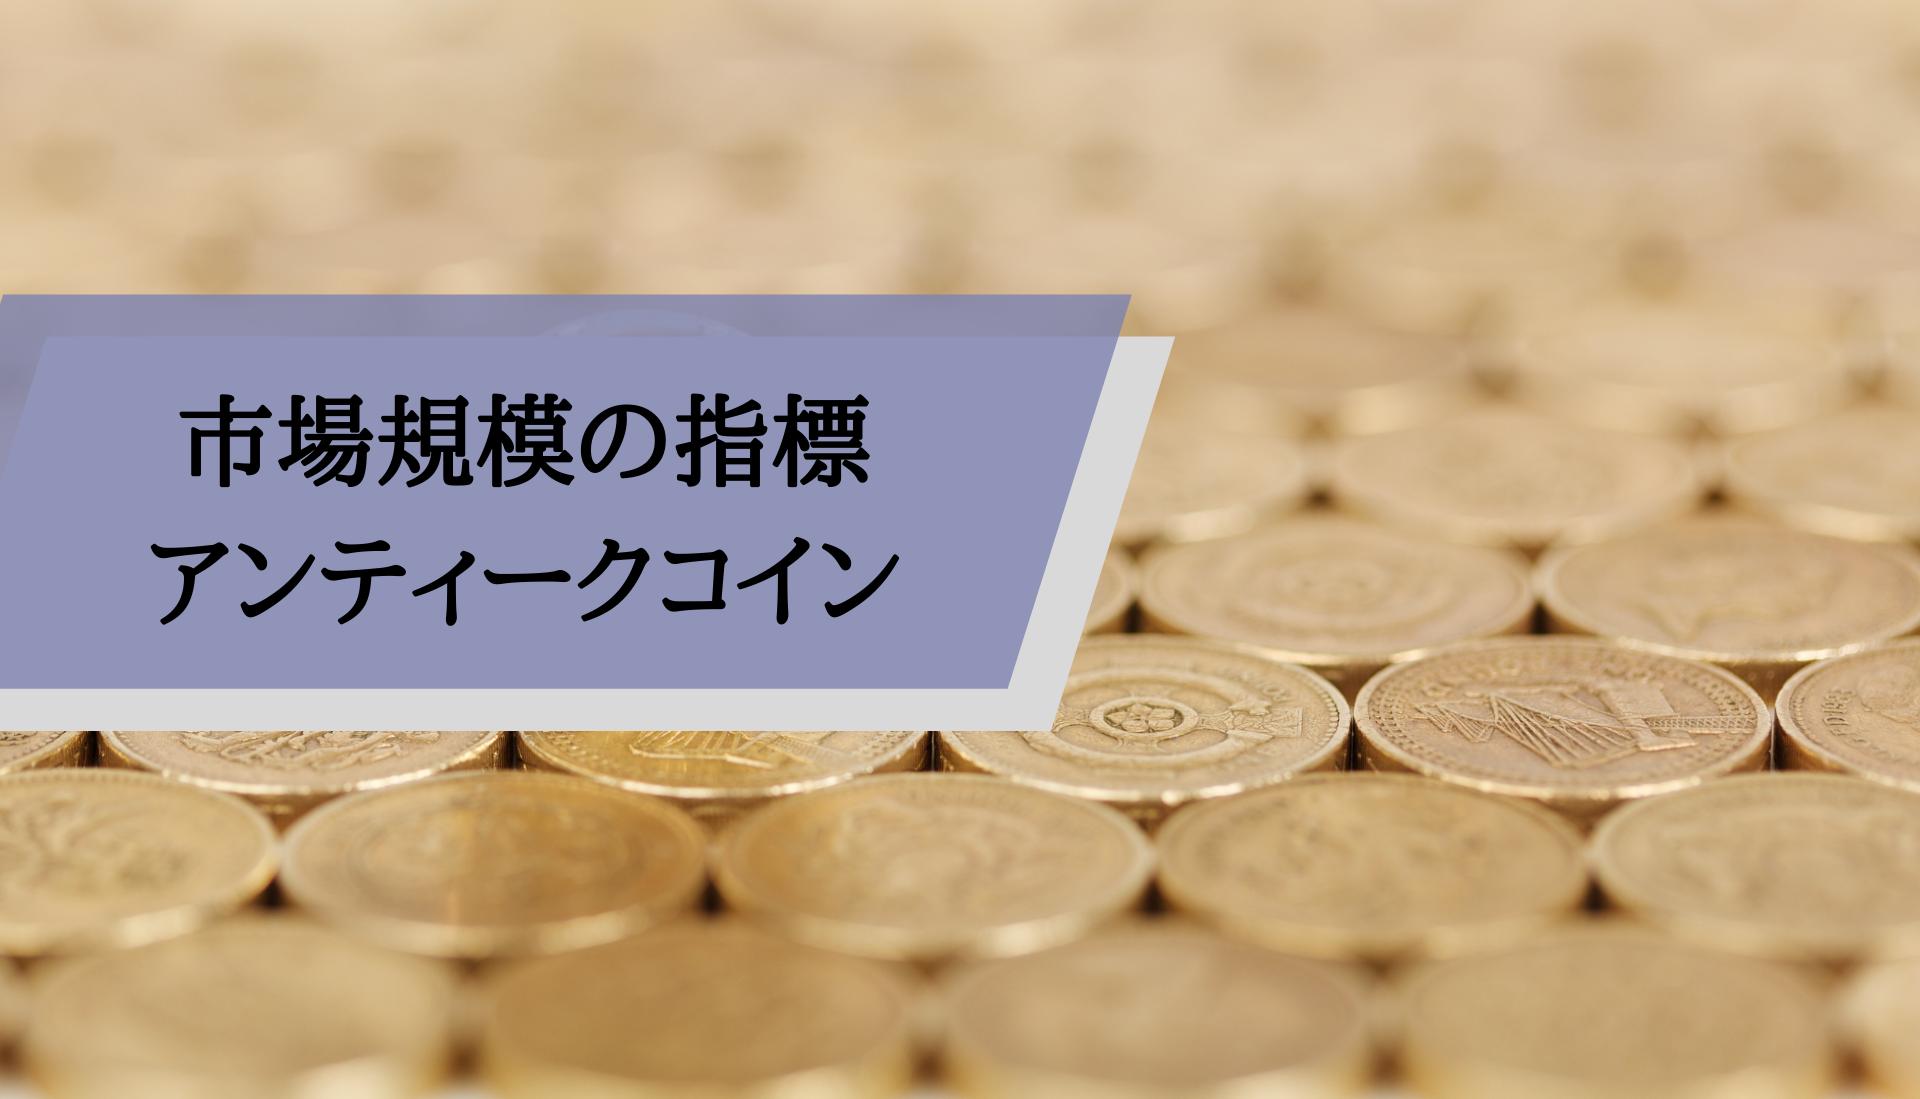 アンティークコイン市場_指標